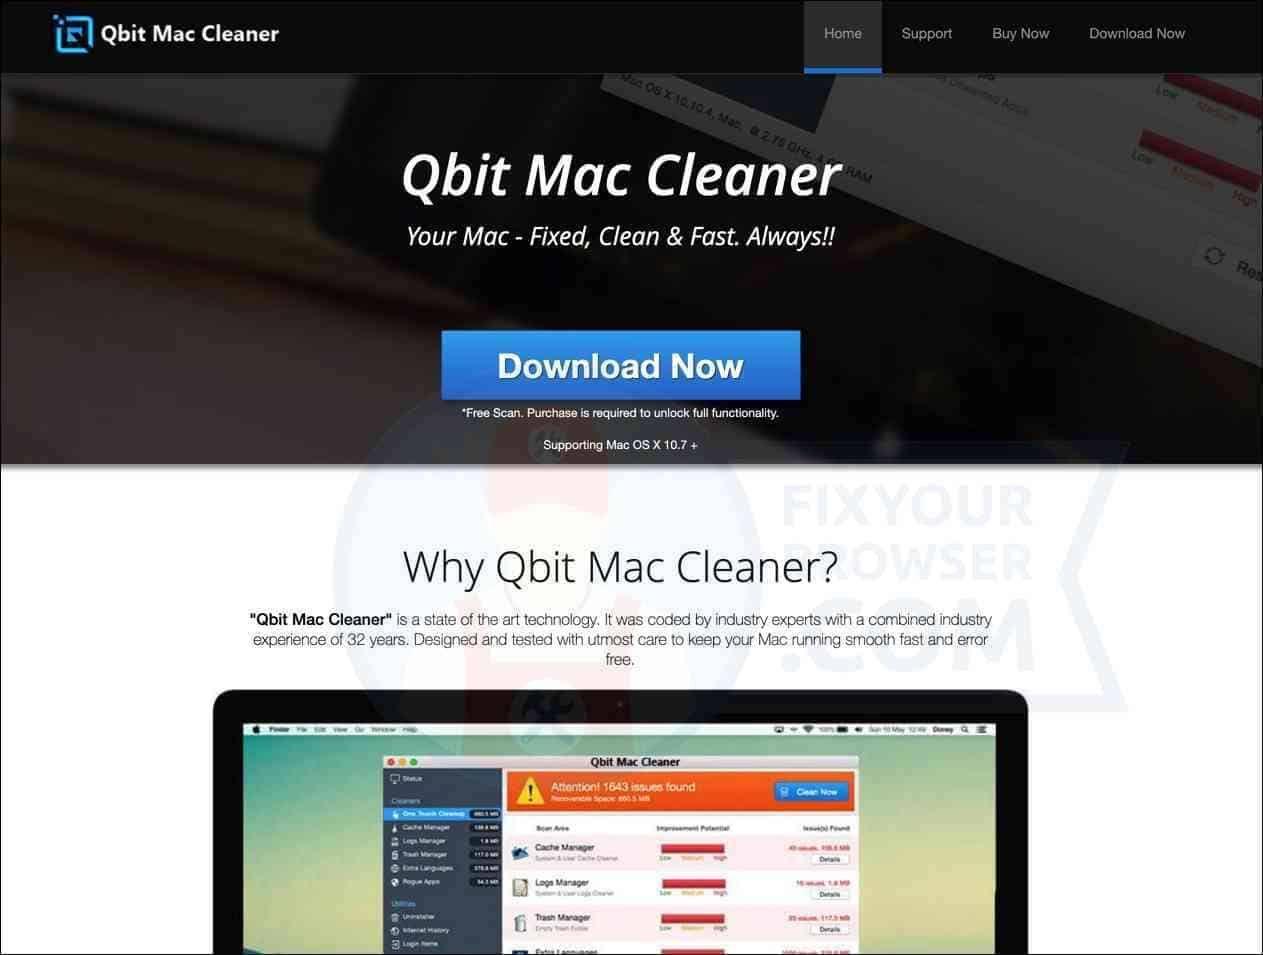 How to Uninstall Qbit Mac Cleaner? Mac Sierra, High